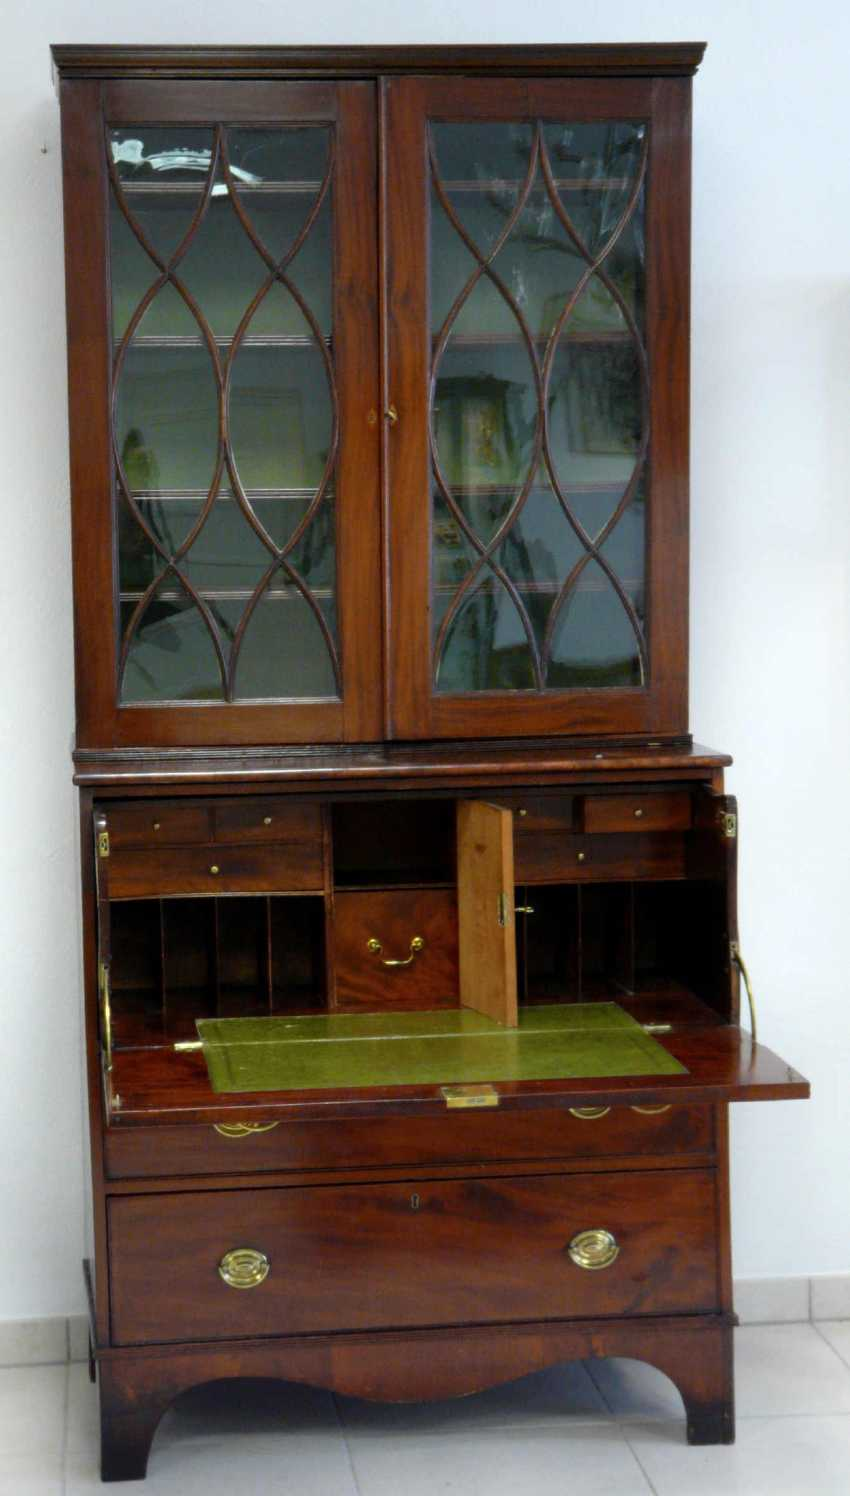 Secretaire Bookcase - photo 2